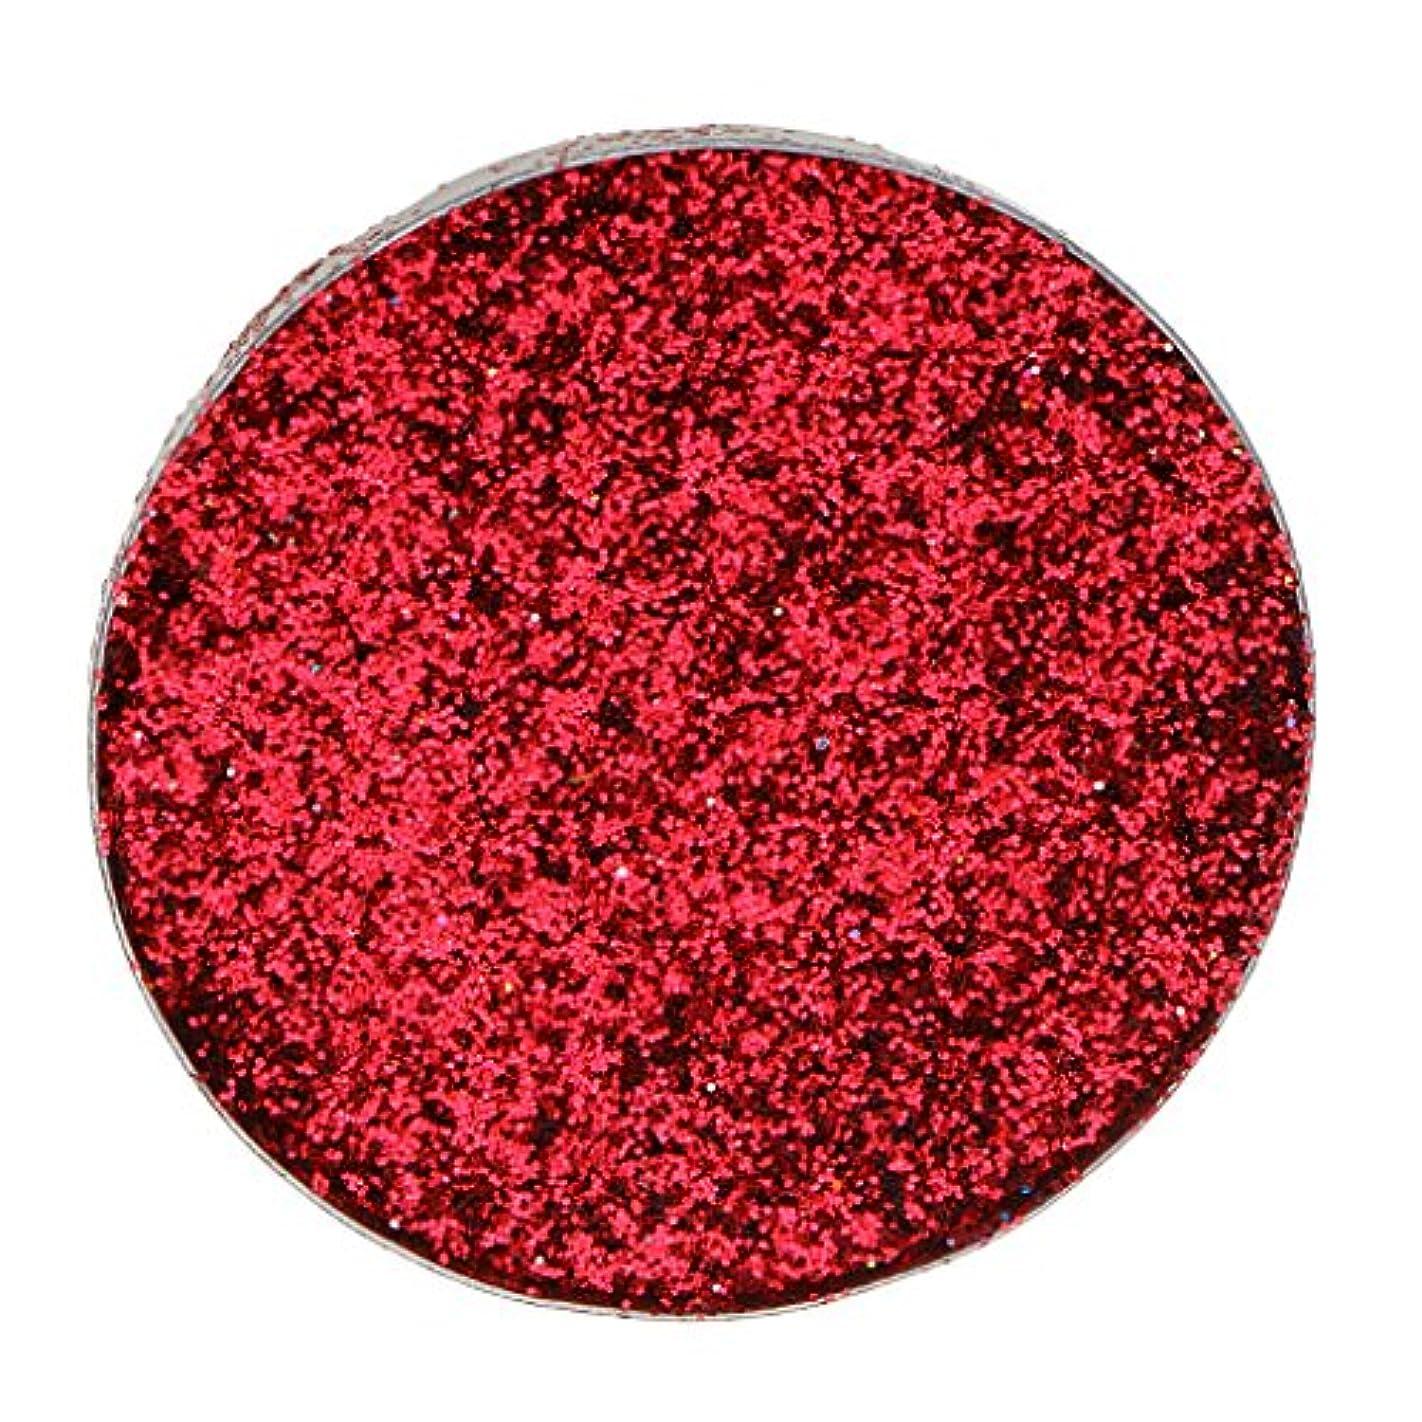 引き渡すフロンティア登るダイヤモンドキラキラ輝き輝くメークアッププレスアイシャドー顔料 - 赤